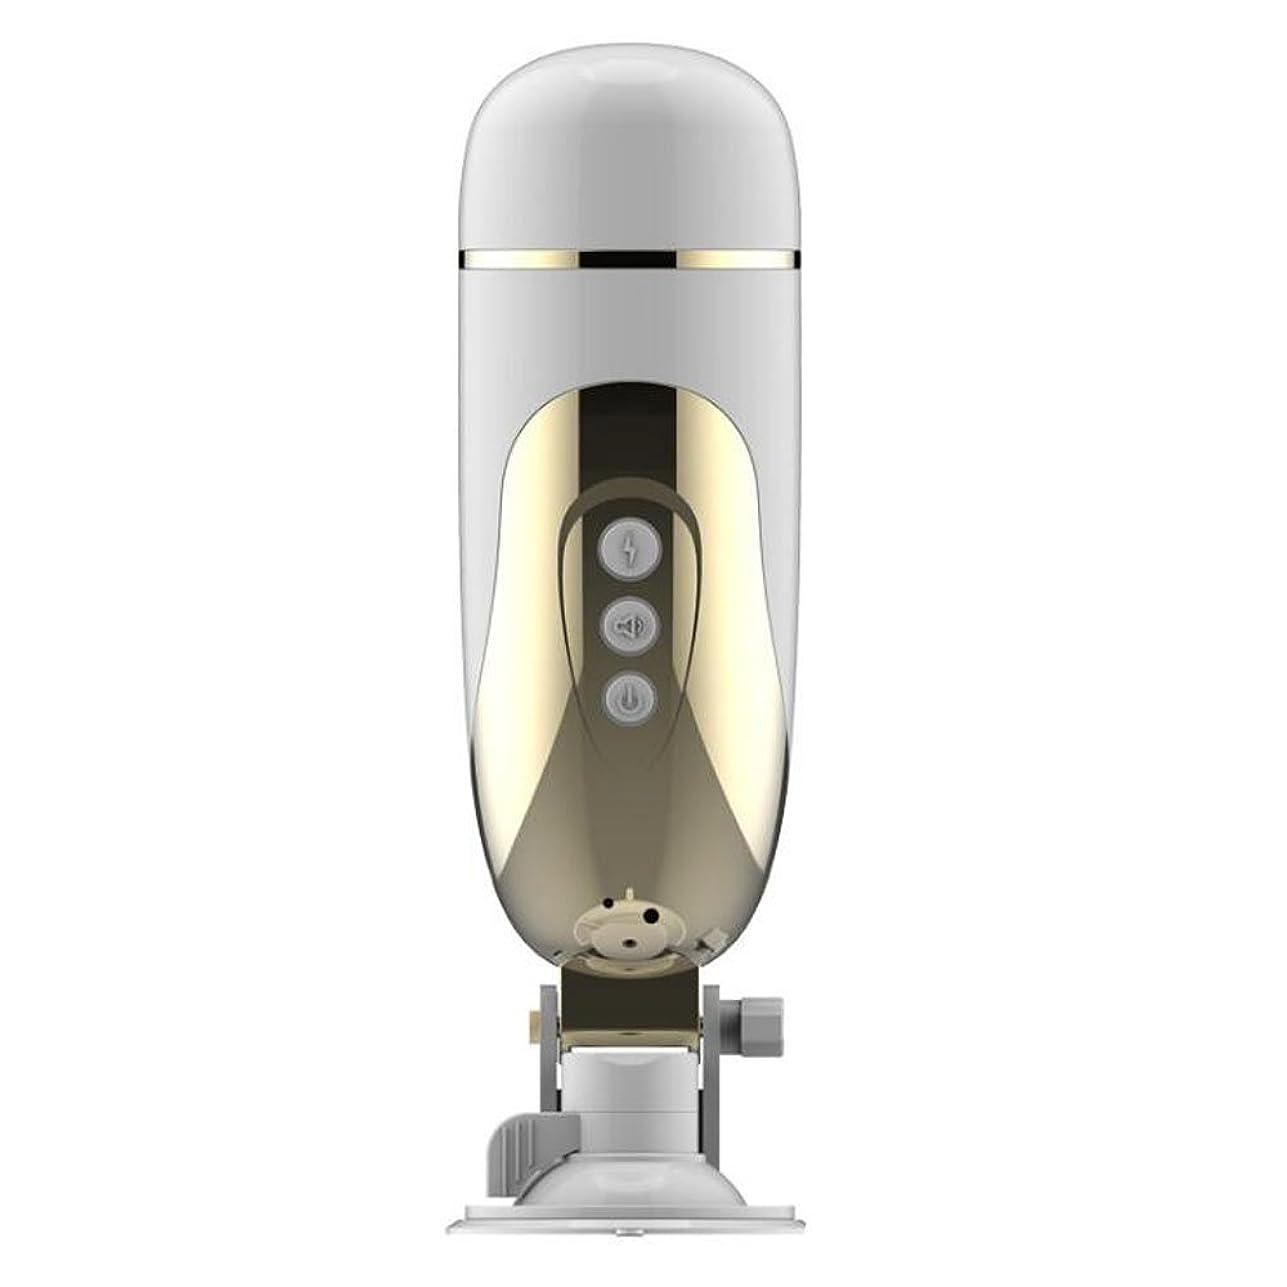 LIXIA-ww USB充電、男性のためのおもちゃ、4D現実的な強い吸引現実感ハンドマッサージャー離散エアテックハンズフリー航空機カップ